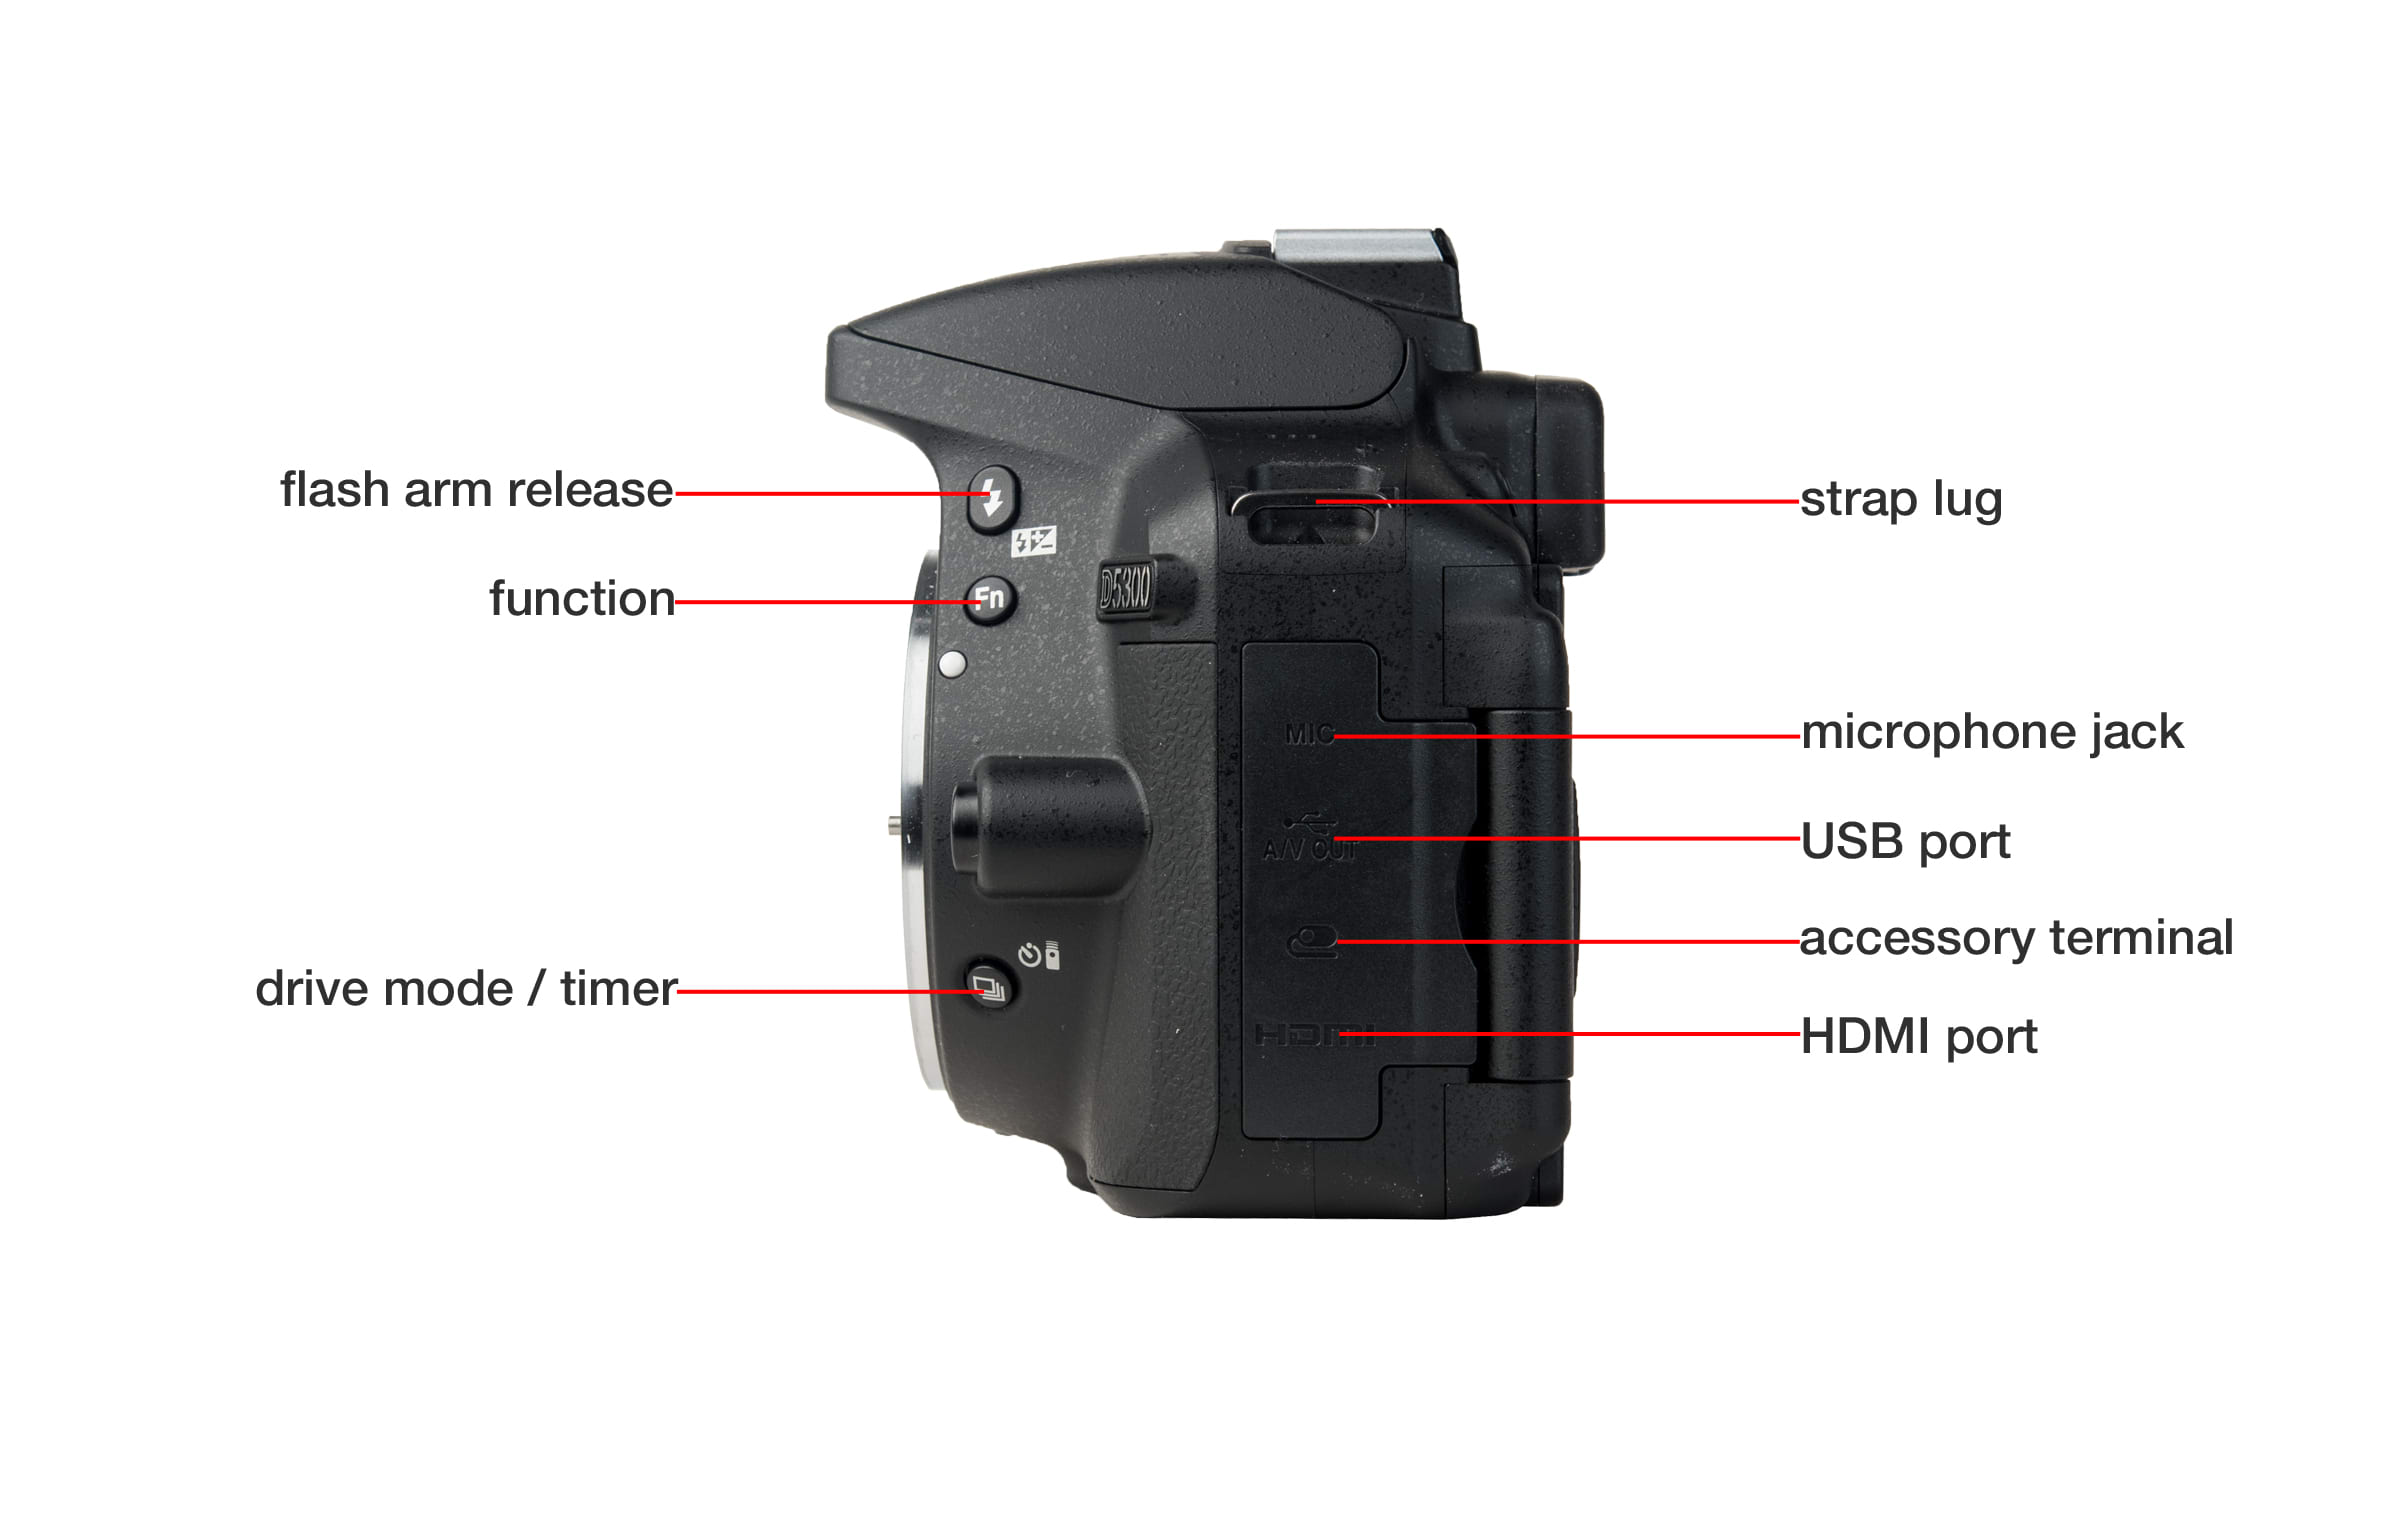 Left side of Nikon D5300